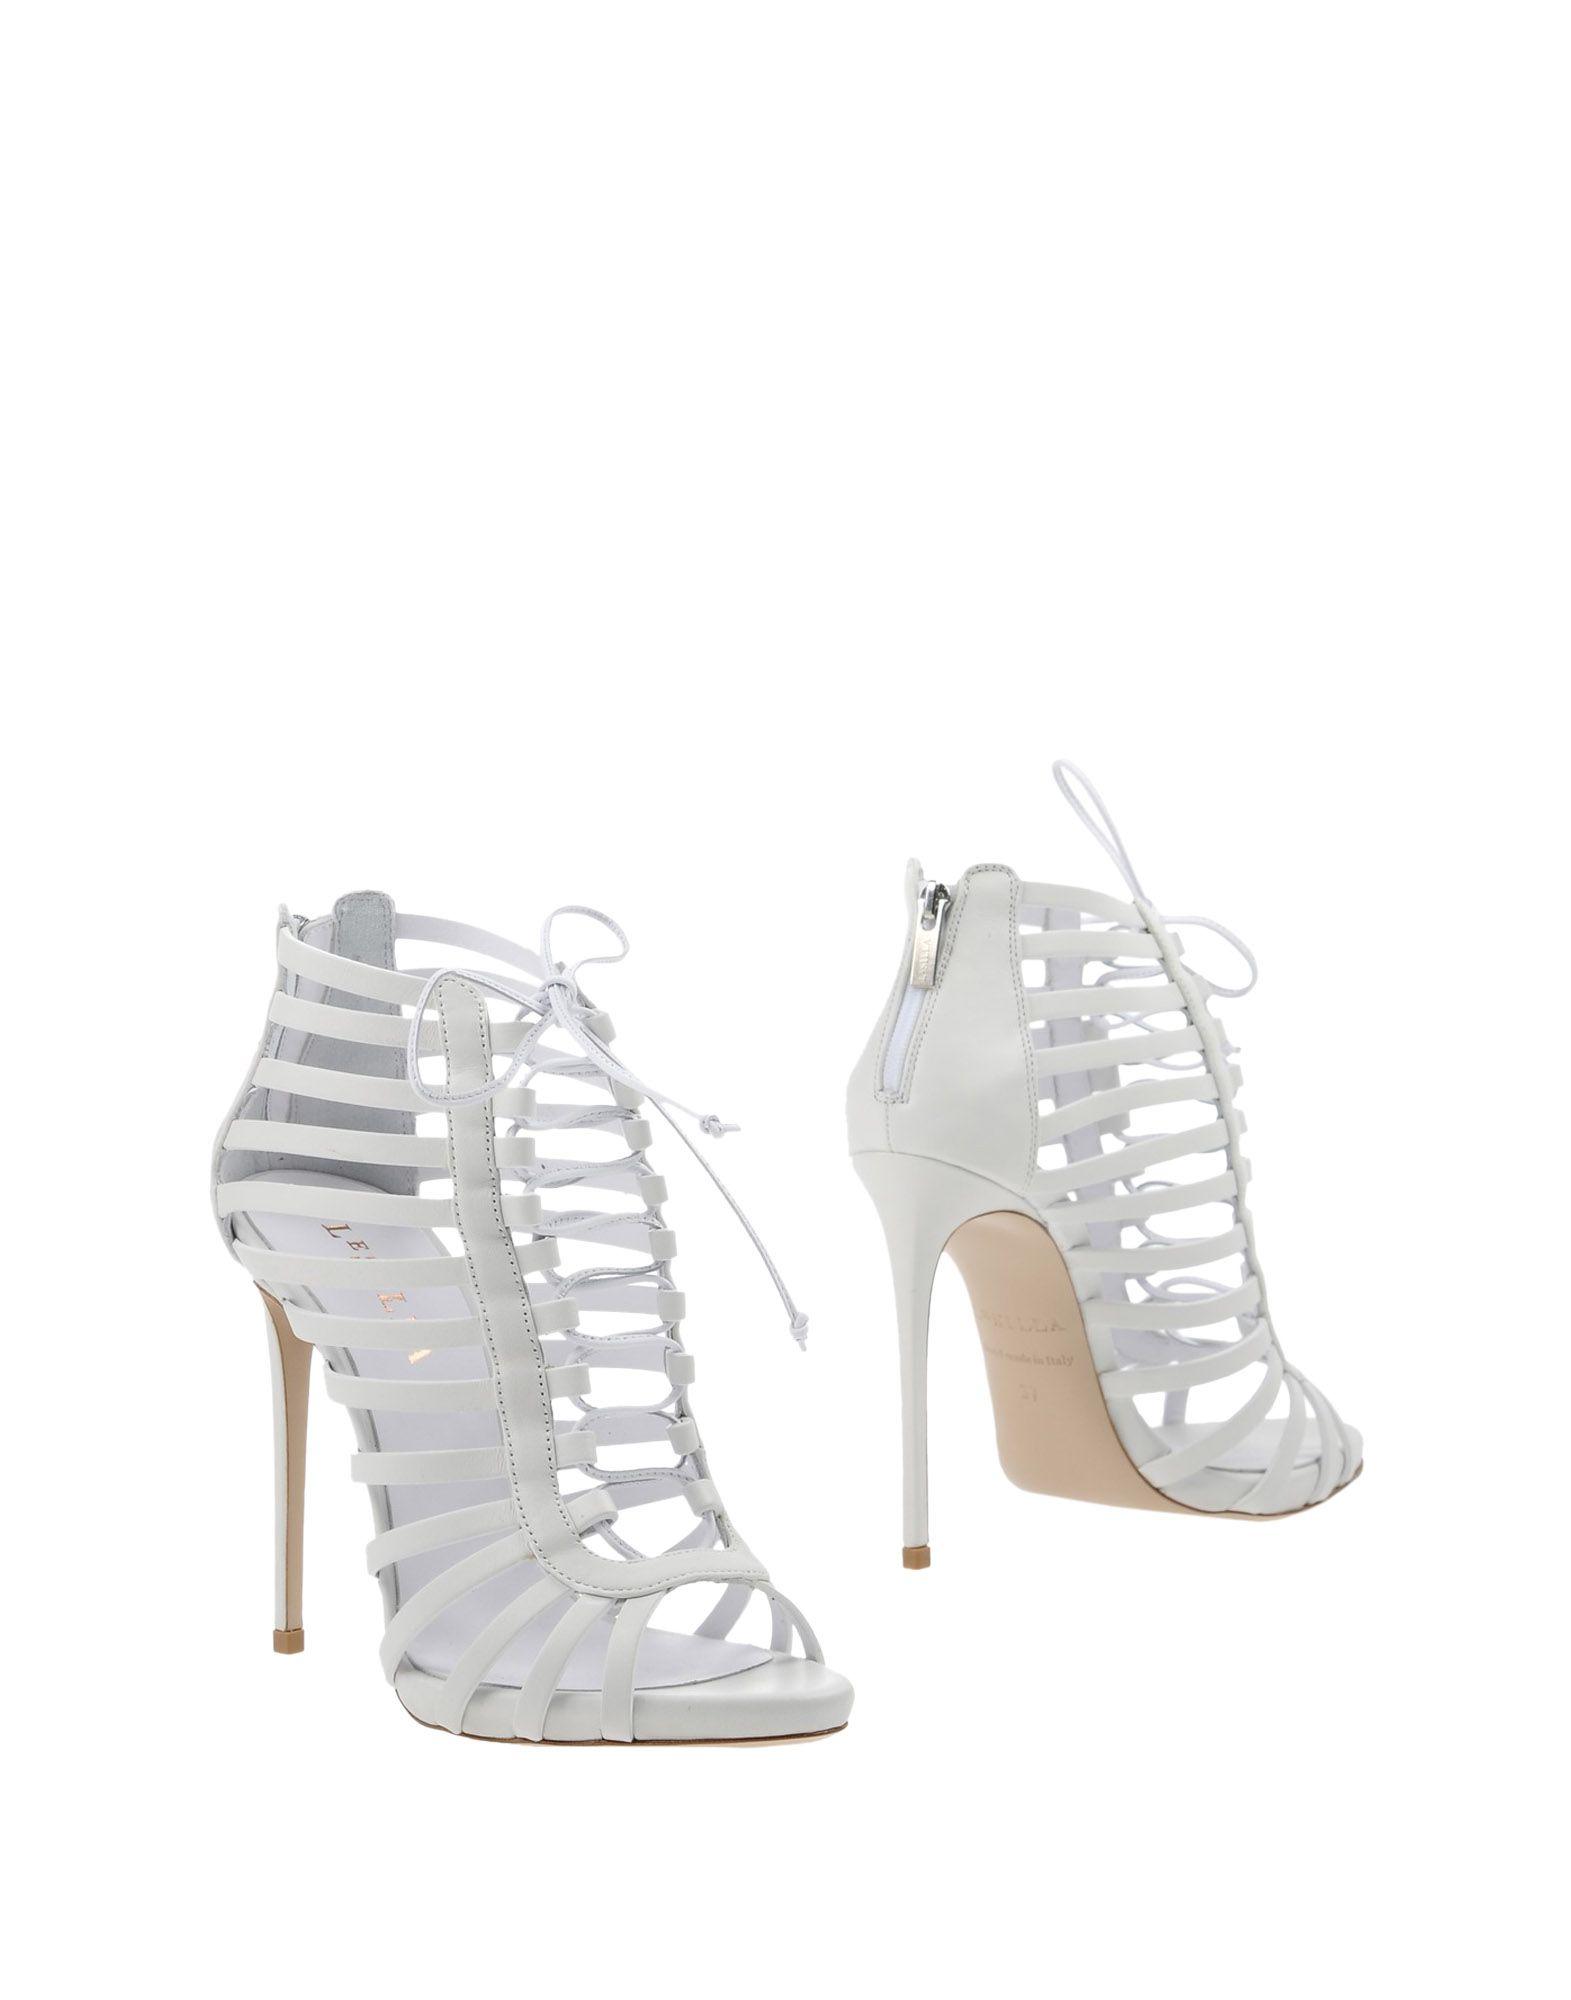 Le Silla Silla Silla Sandalen Damen  11396823XX Neue Schuhe e1360b